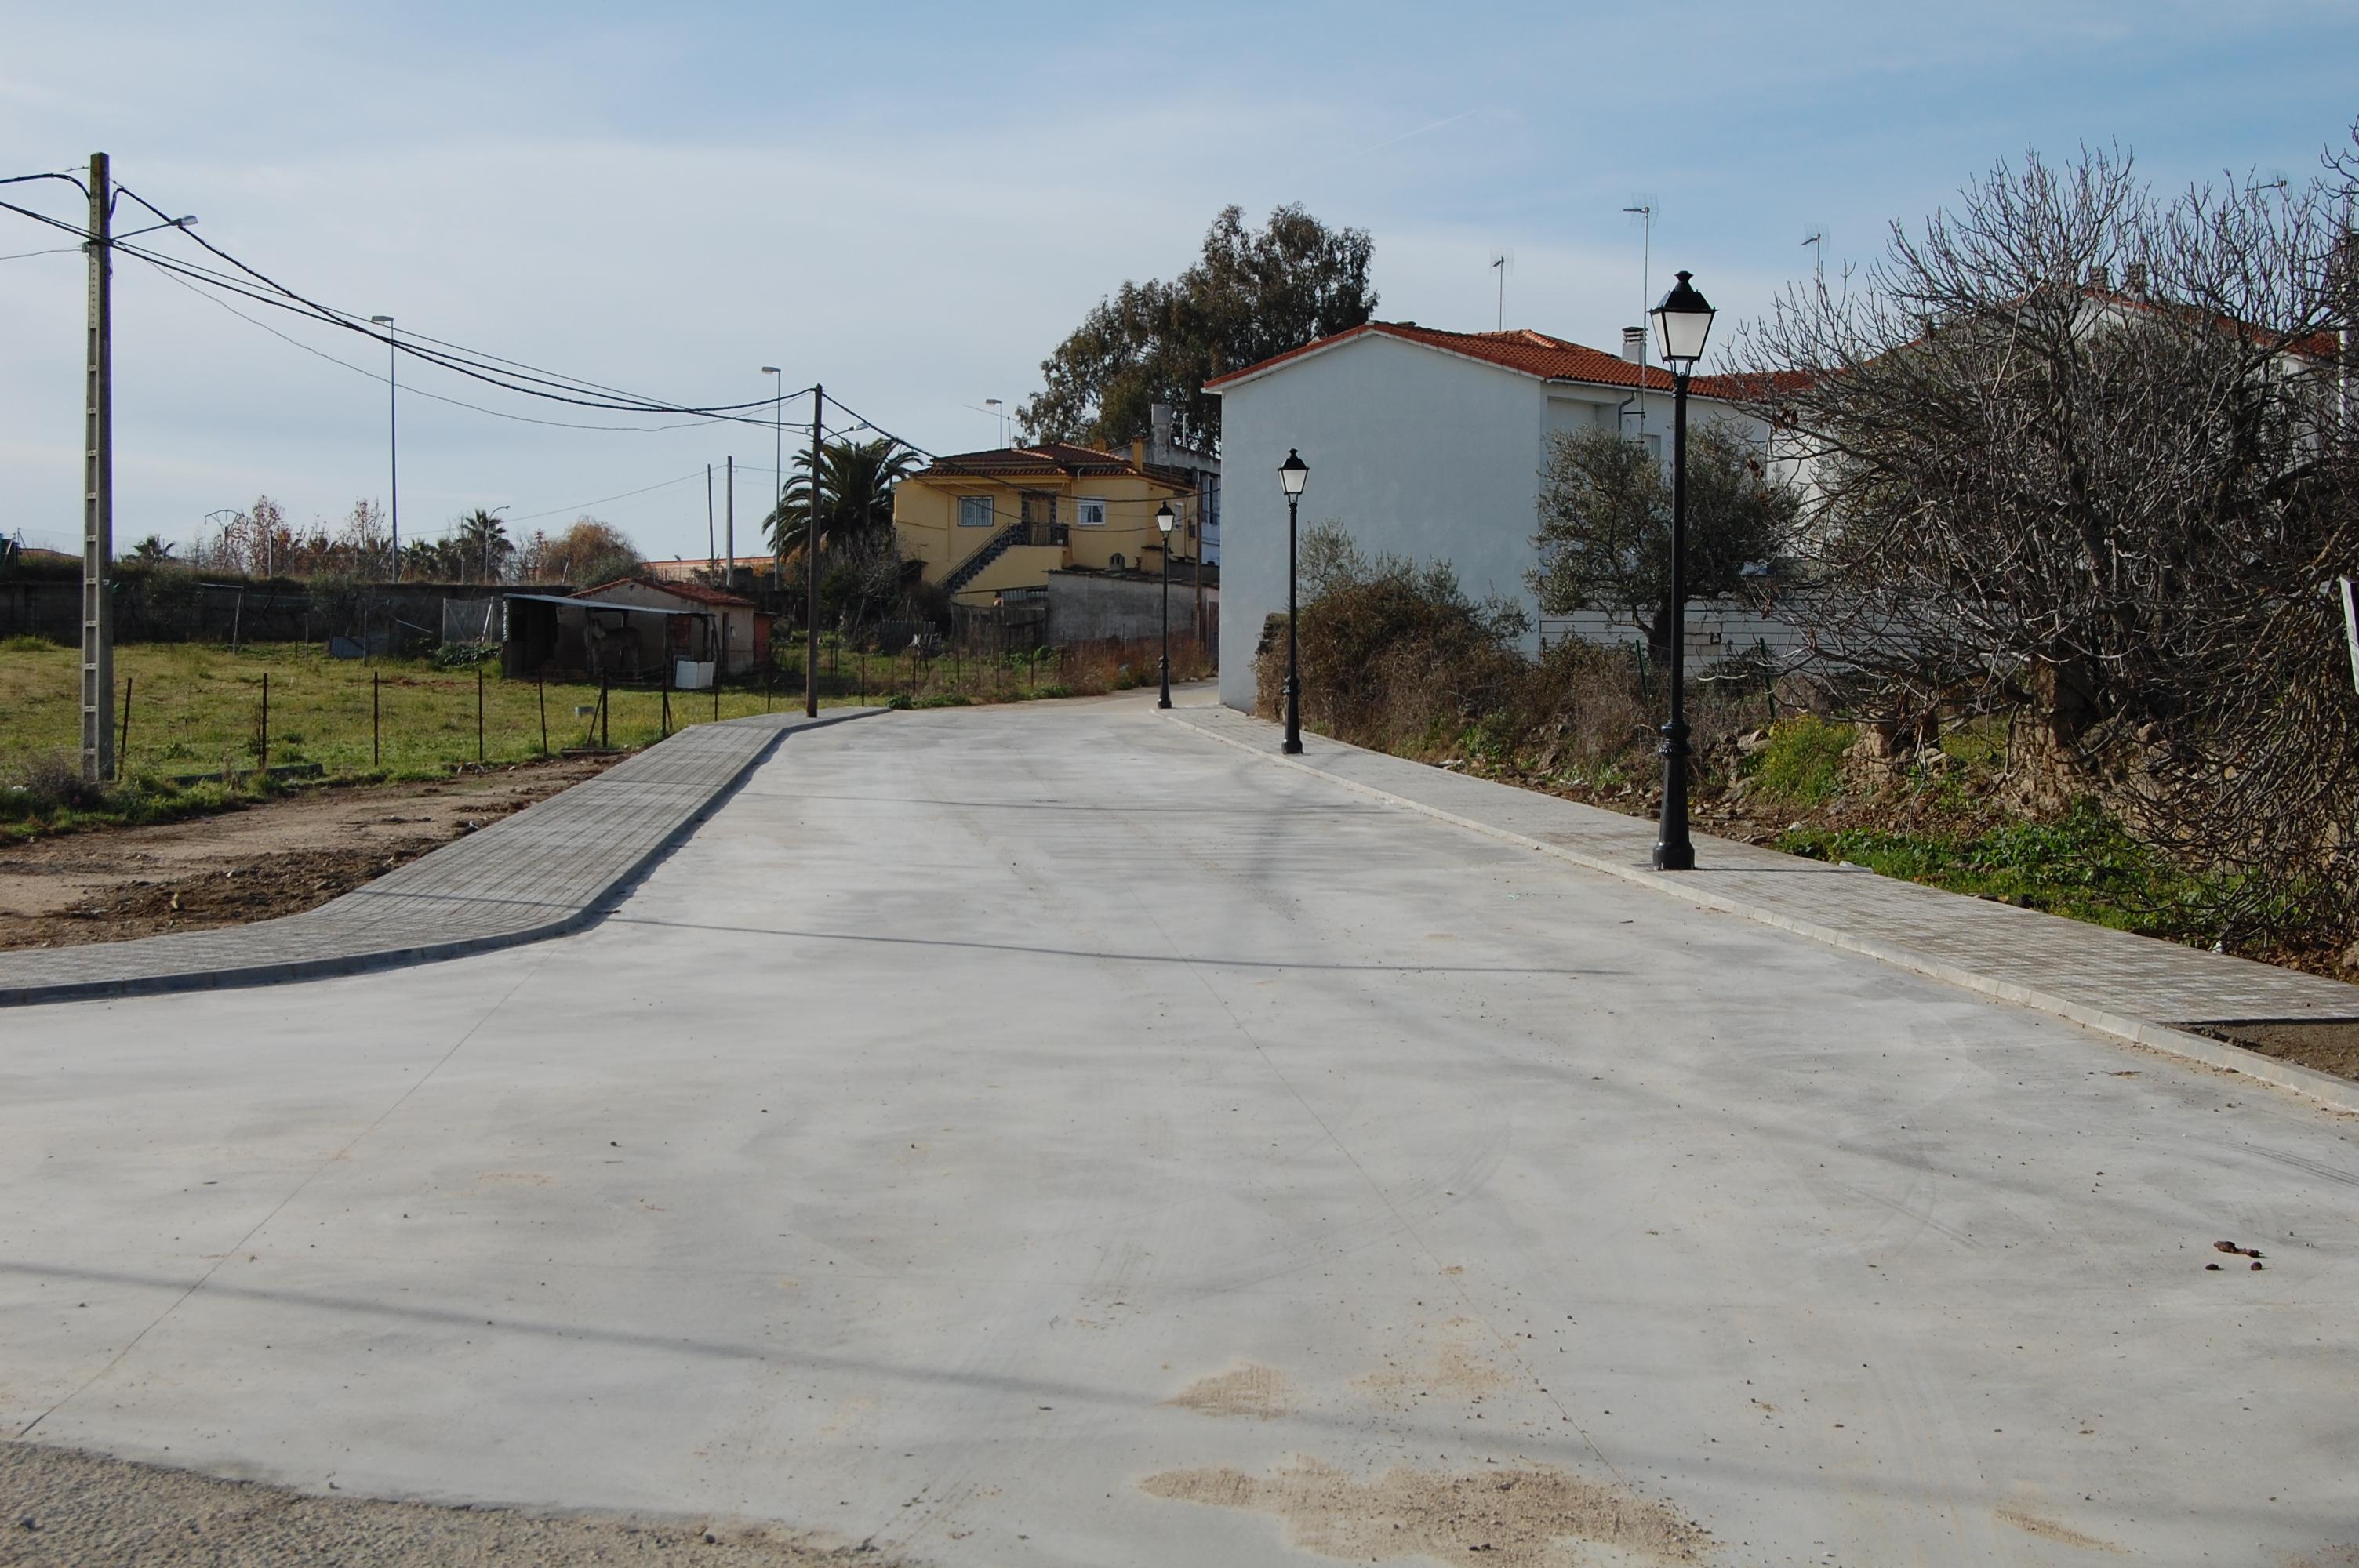 Se asfaltan tres calles en Torrejoncillo, dos de ellas nuevas y se realizan obras en una cuarta en Valdencín